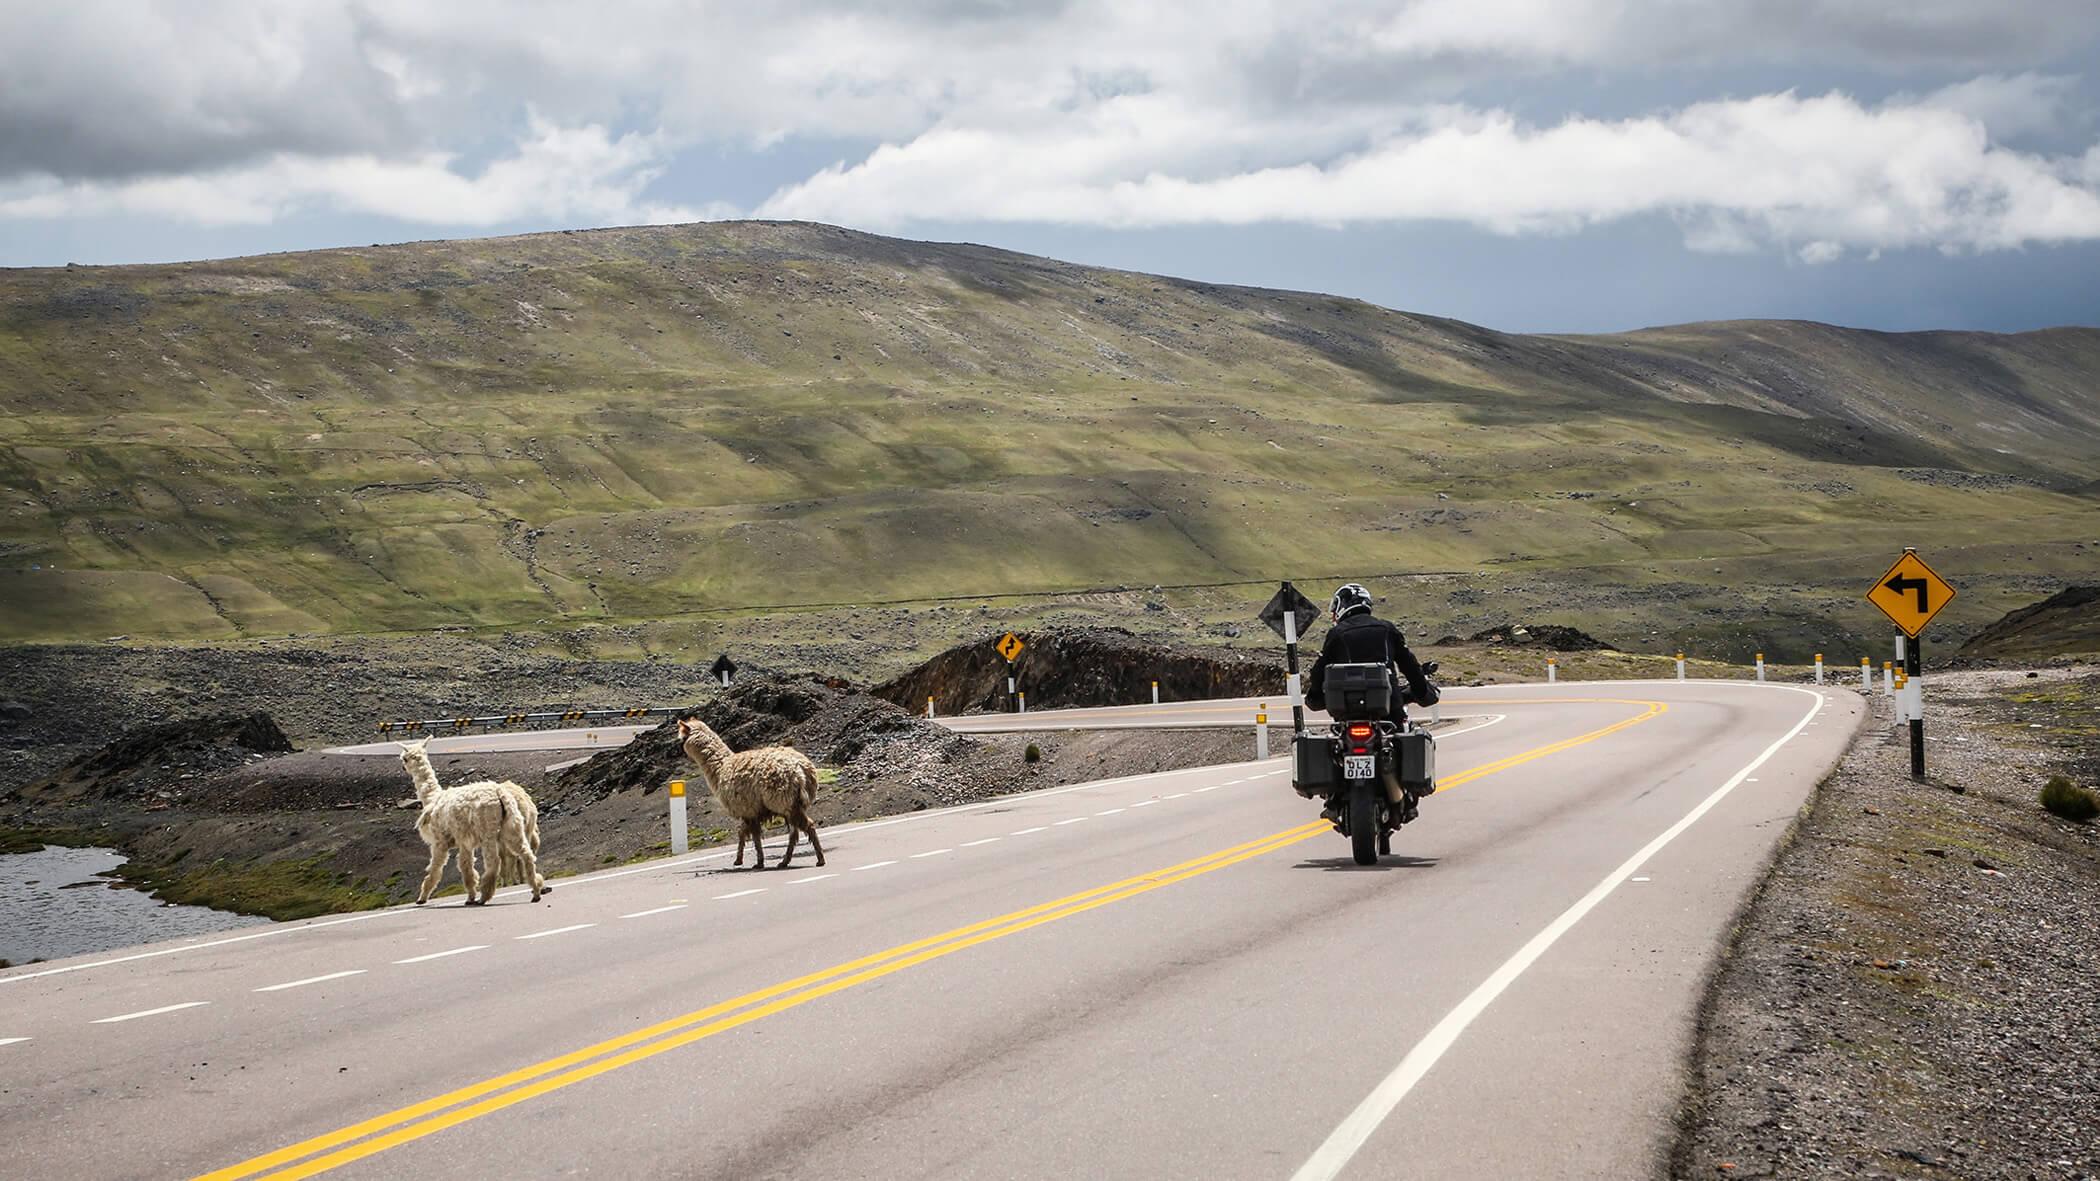 Muitos motociclistas não têm companhia para viajar e temem rodar sozinhos